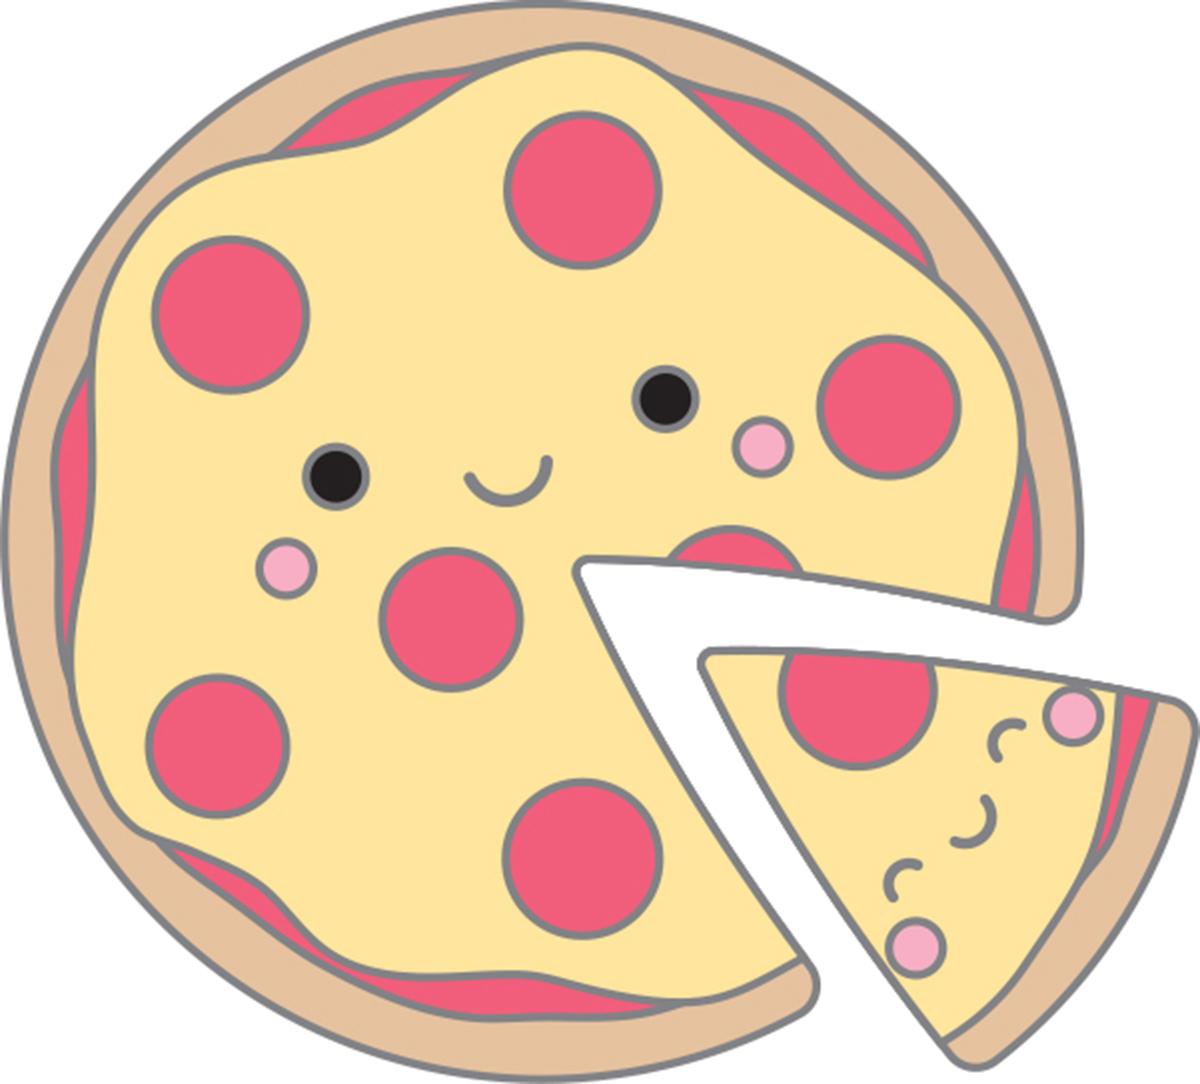 Doodlebug Collectible Enamel Pins 2/Pkg-Pizza Pals - image 1 de 1